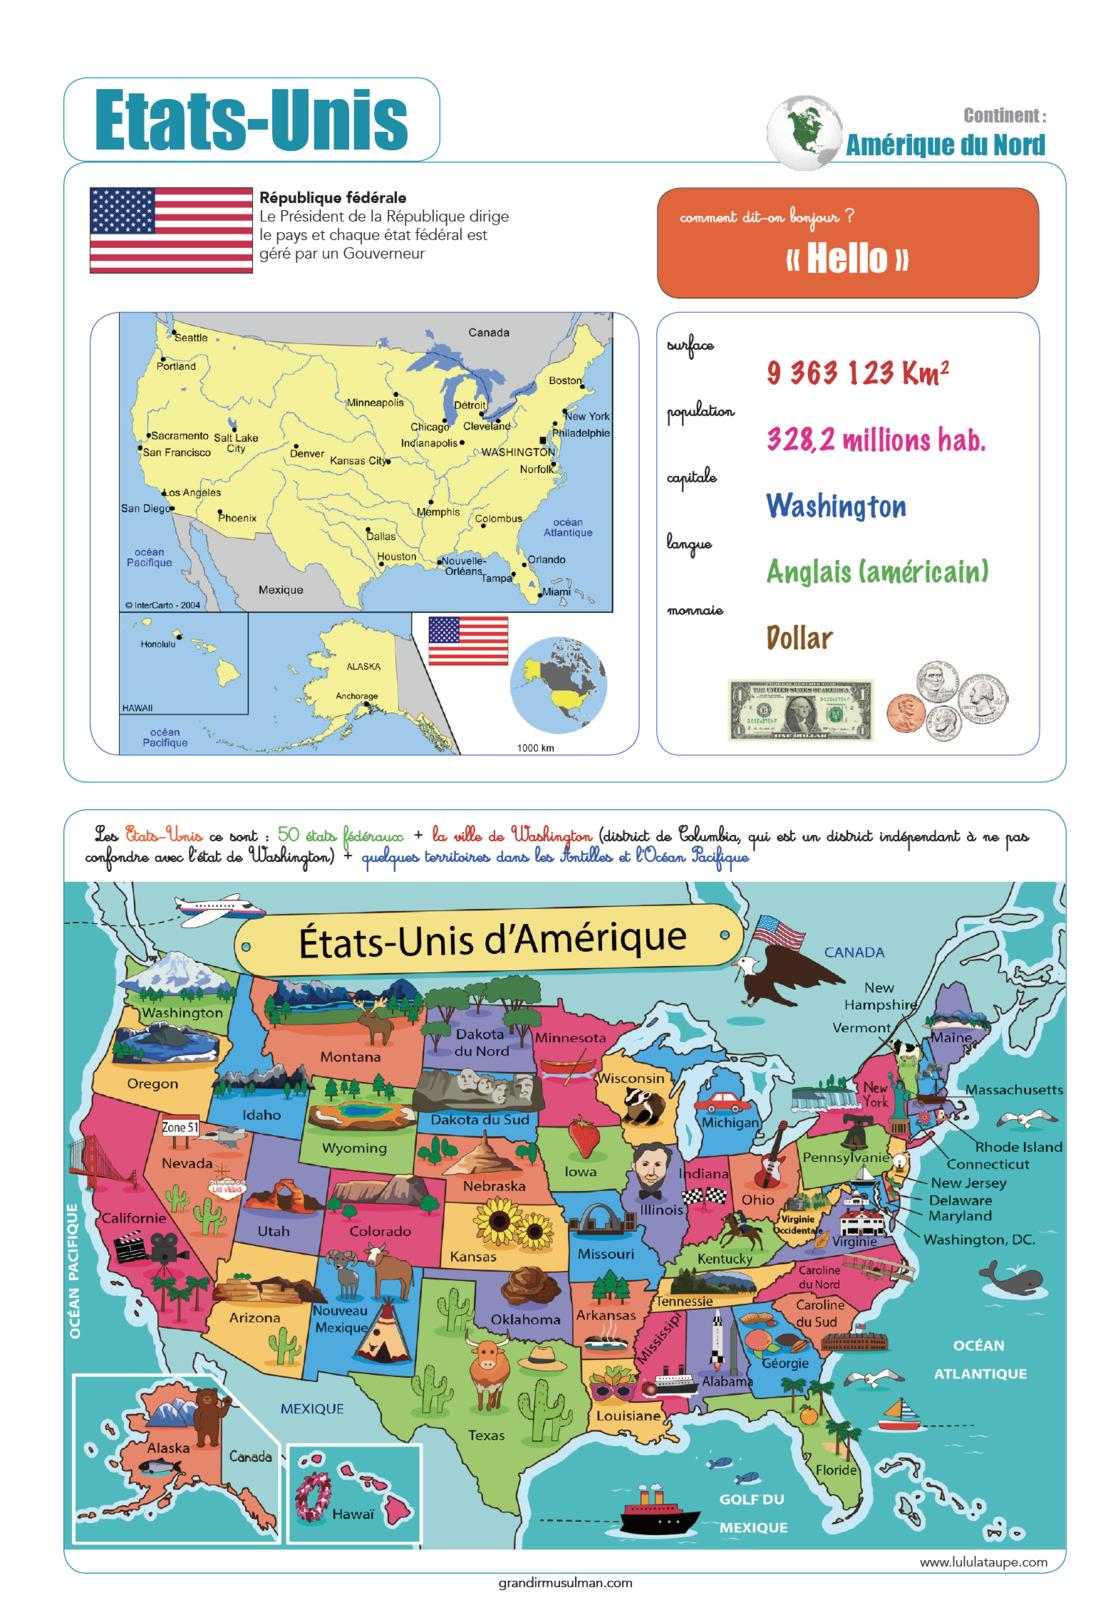 Notre tour du monde : Etats-Unis